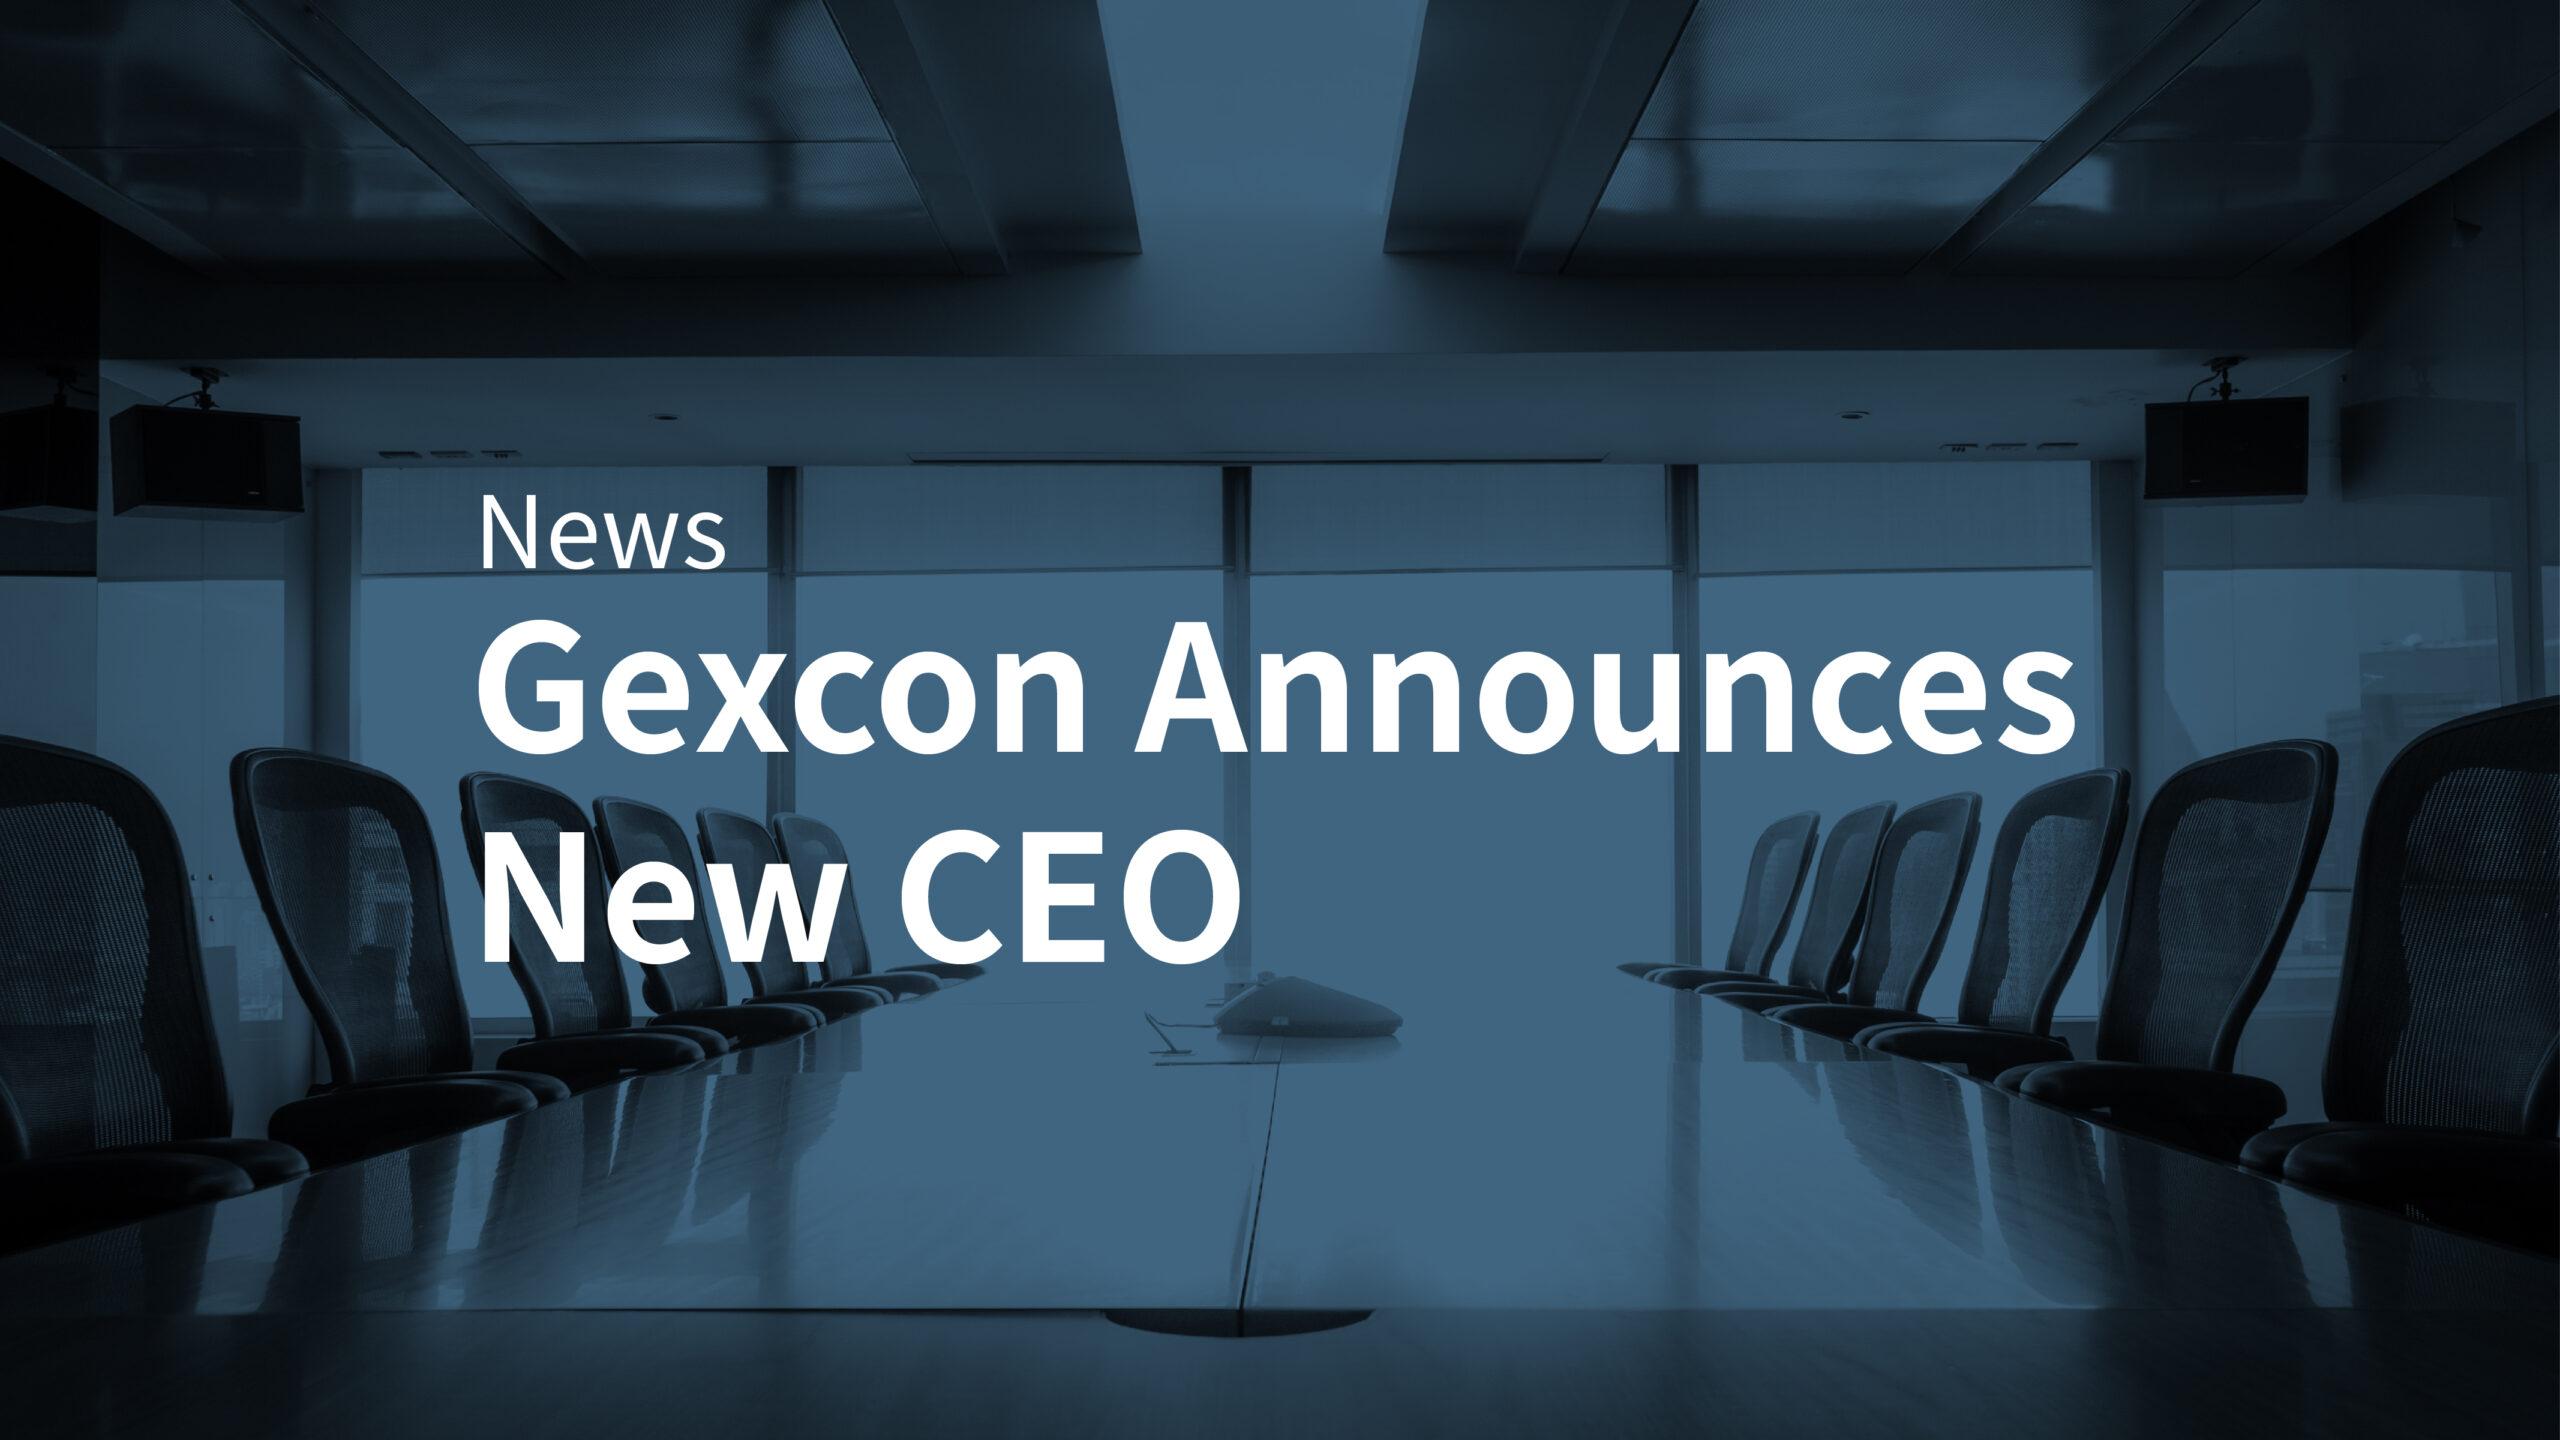 Gexcon Announces New CEO